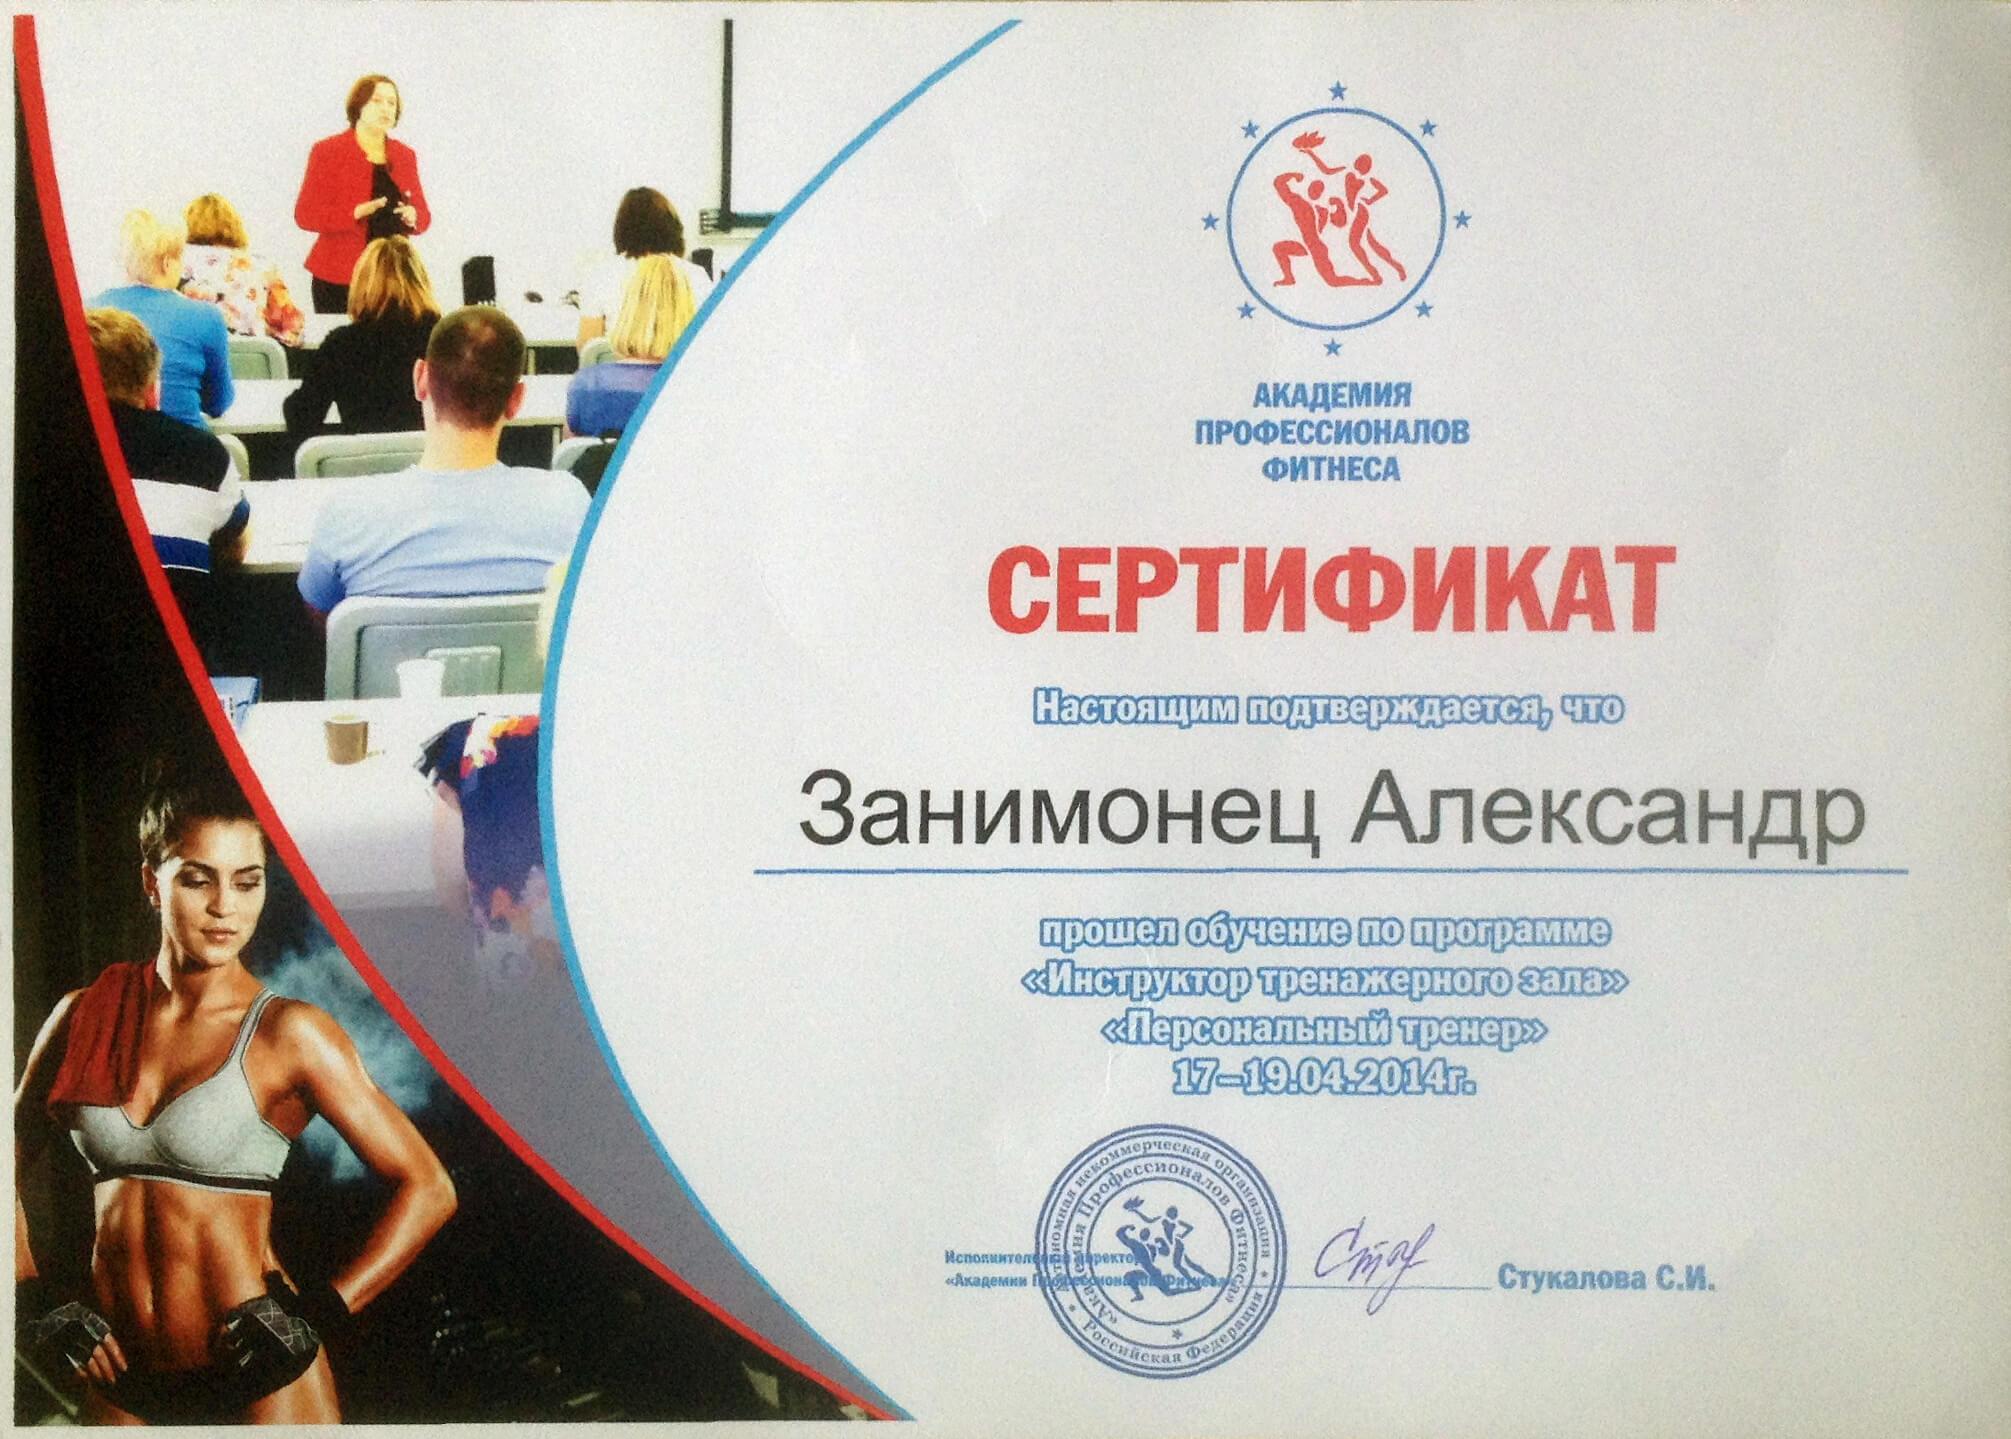 Заработная плата фитнес-инструктора в москве составляет в среднем 30 рублей, персональный тренер зарабатывает больше — от 60 тысяч.